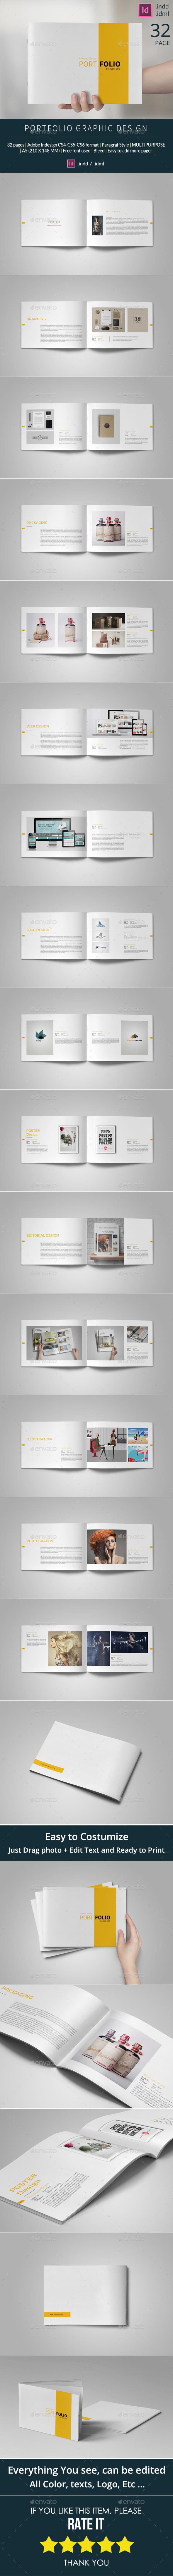 GraphicRiver A5 Portfolio Template 10509226